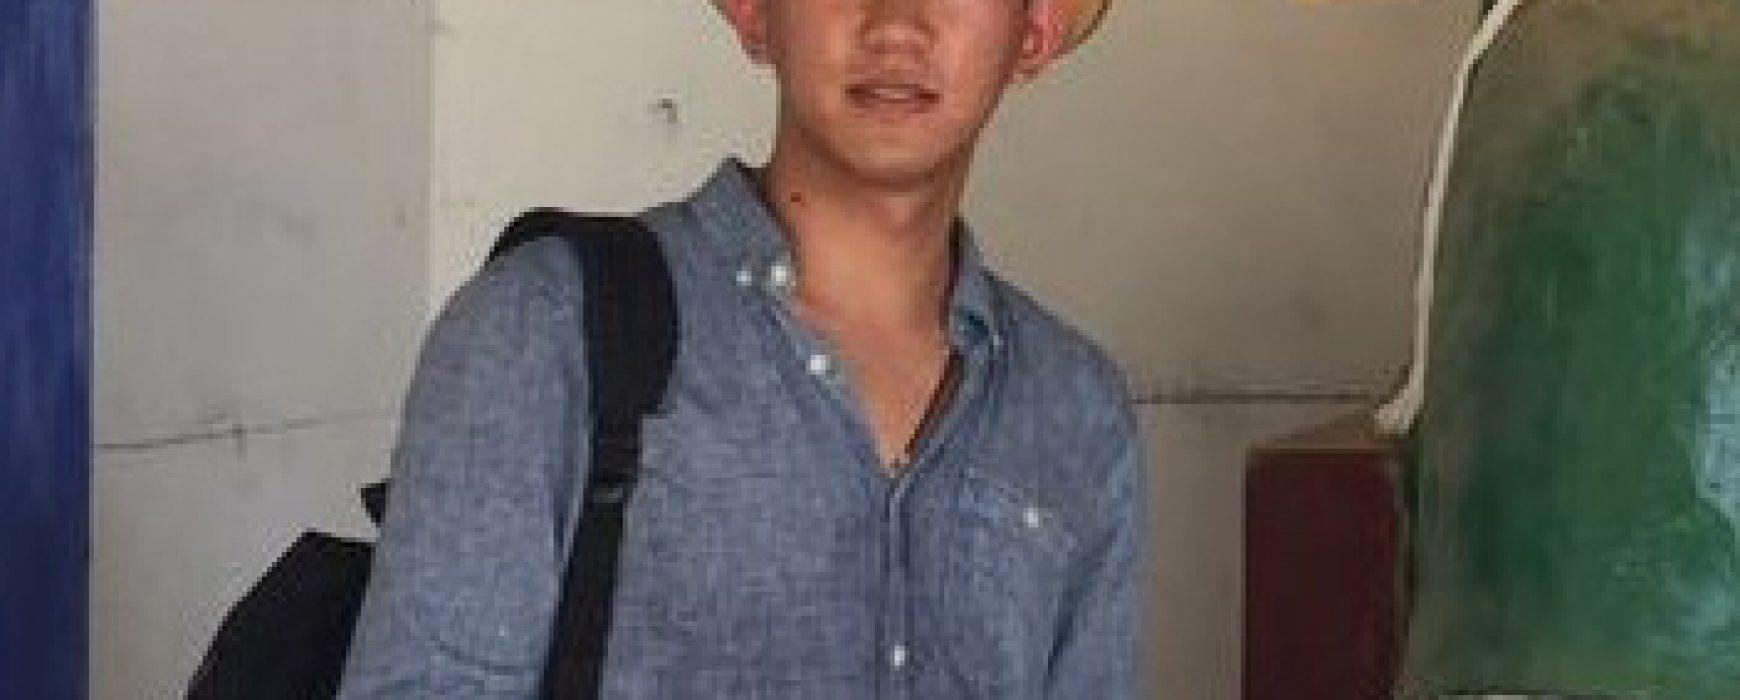 Wang, Yue